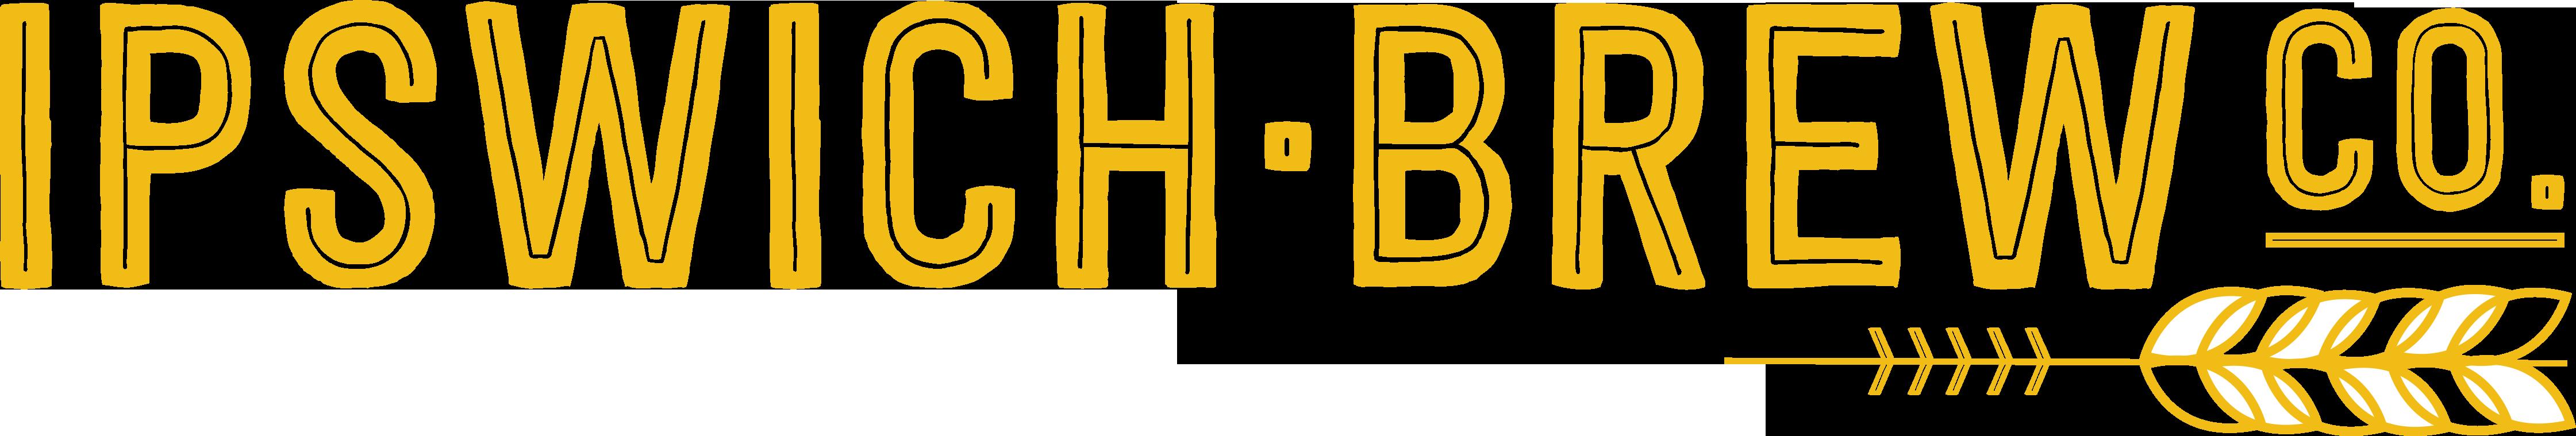 Ipswich Brew Co